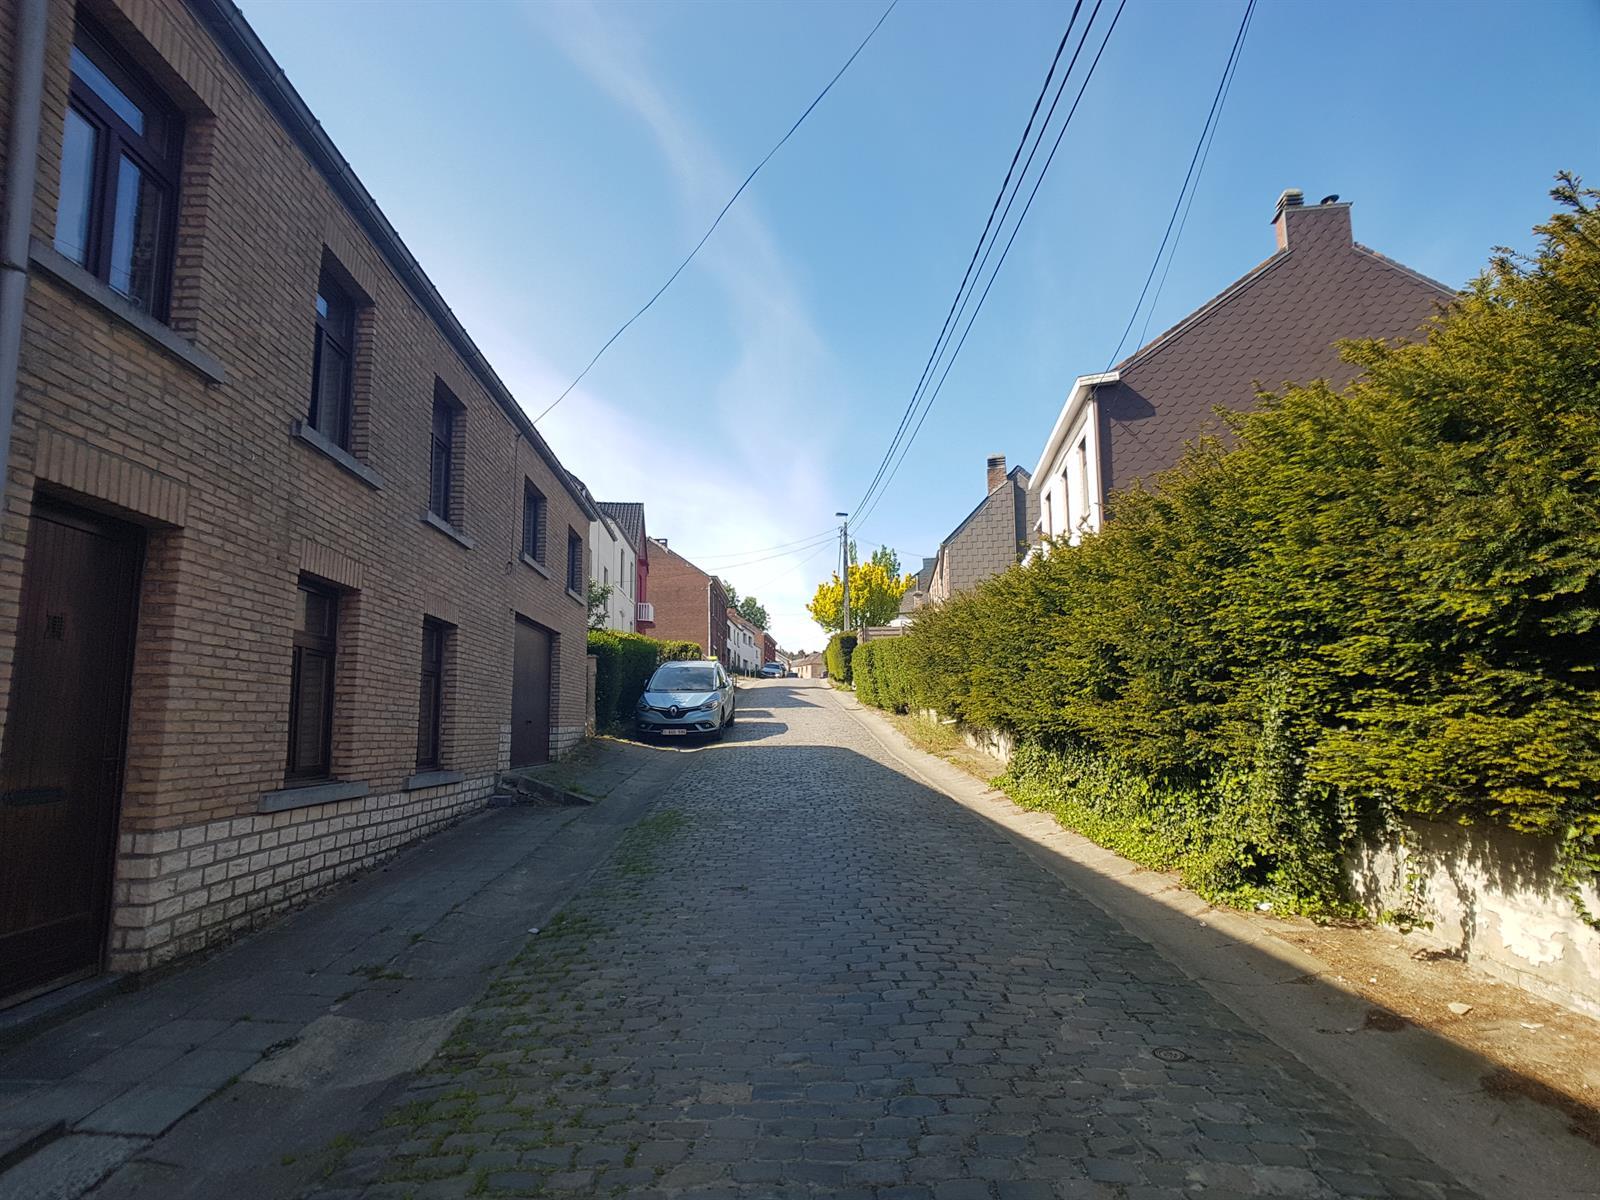 Maison - Court-St.-Etienne - #3991999-16